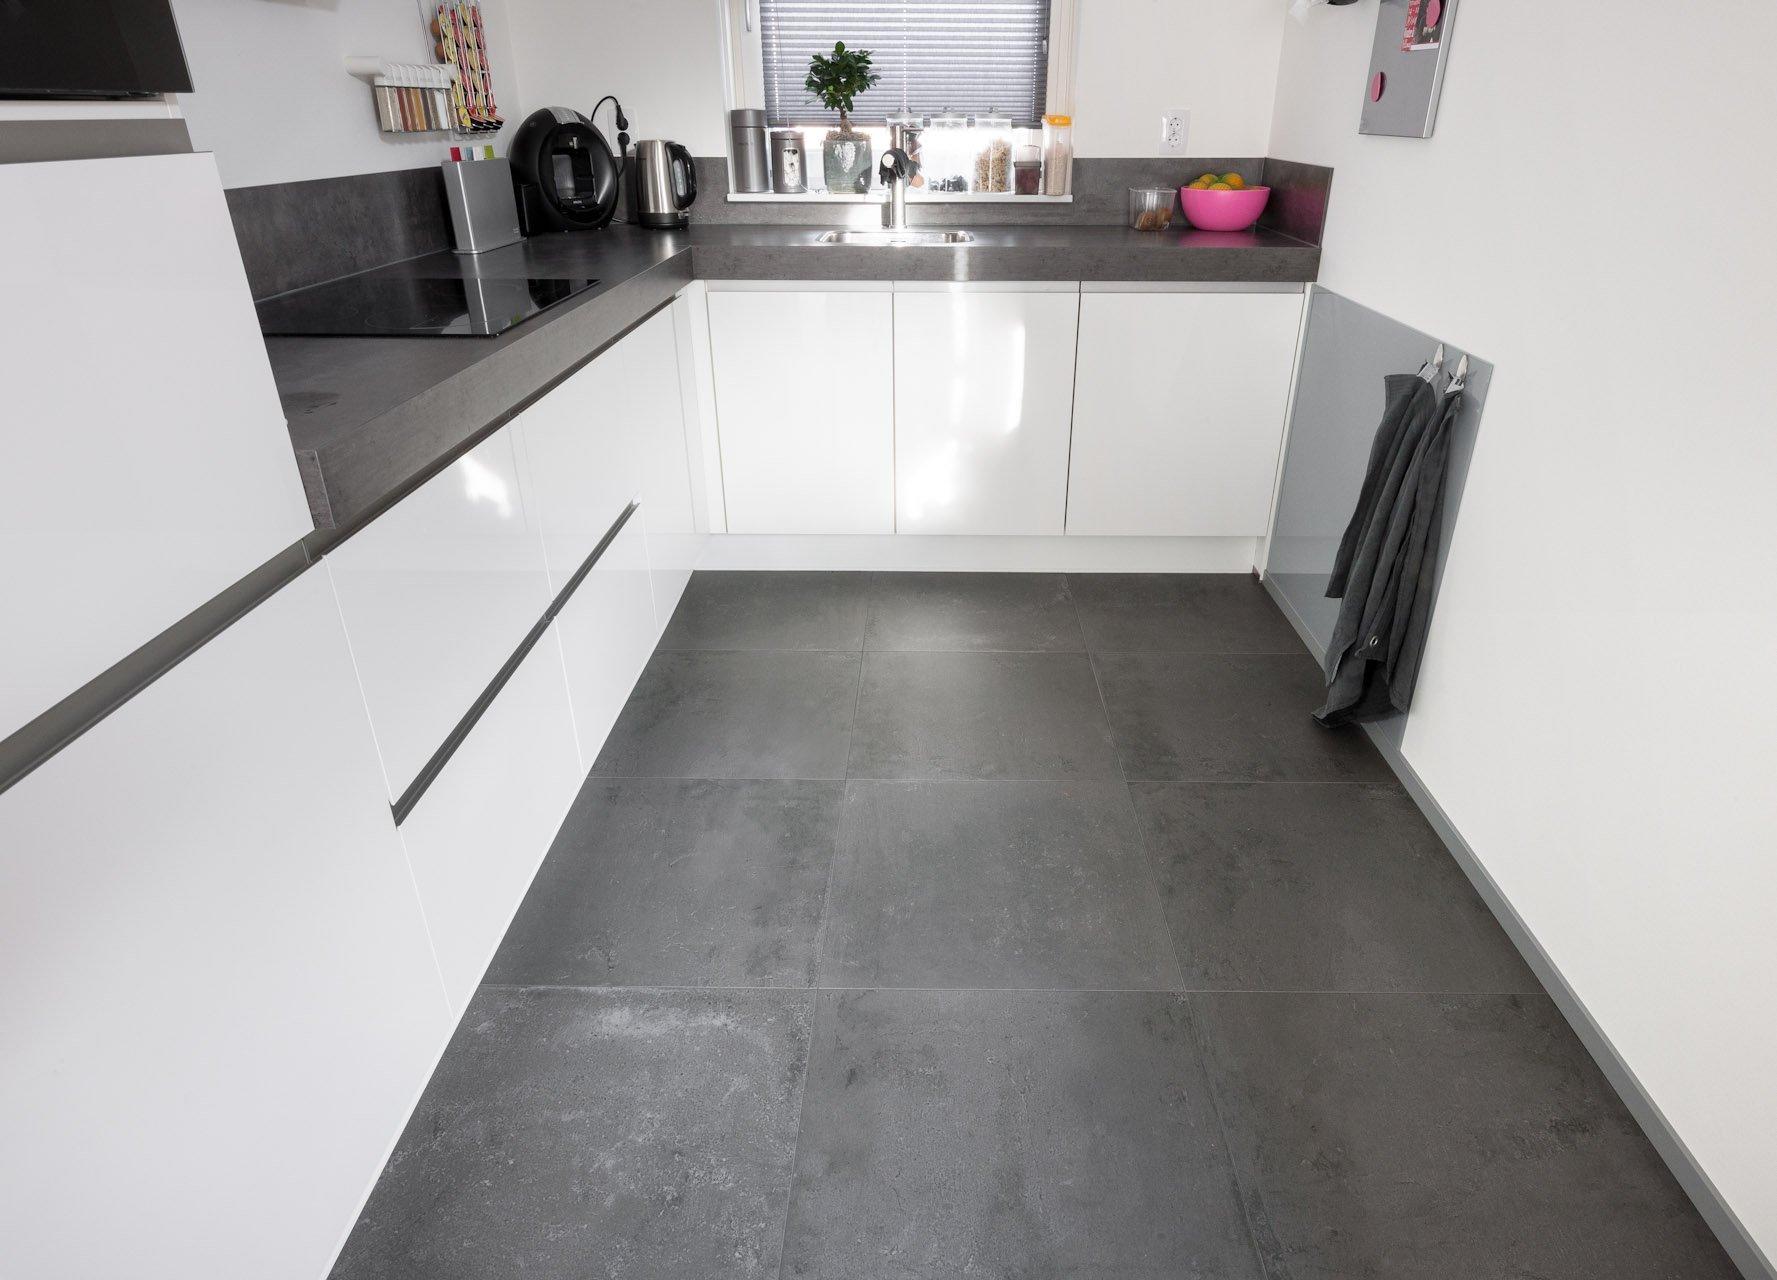 Vloertegels Keuken Antraciet : Antraciet tegels in Nieuw-Lekkerland – KROON Vloeren in Steen